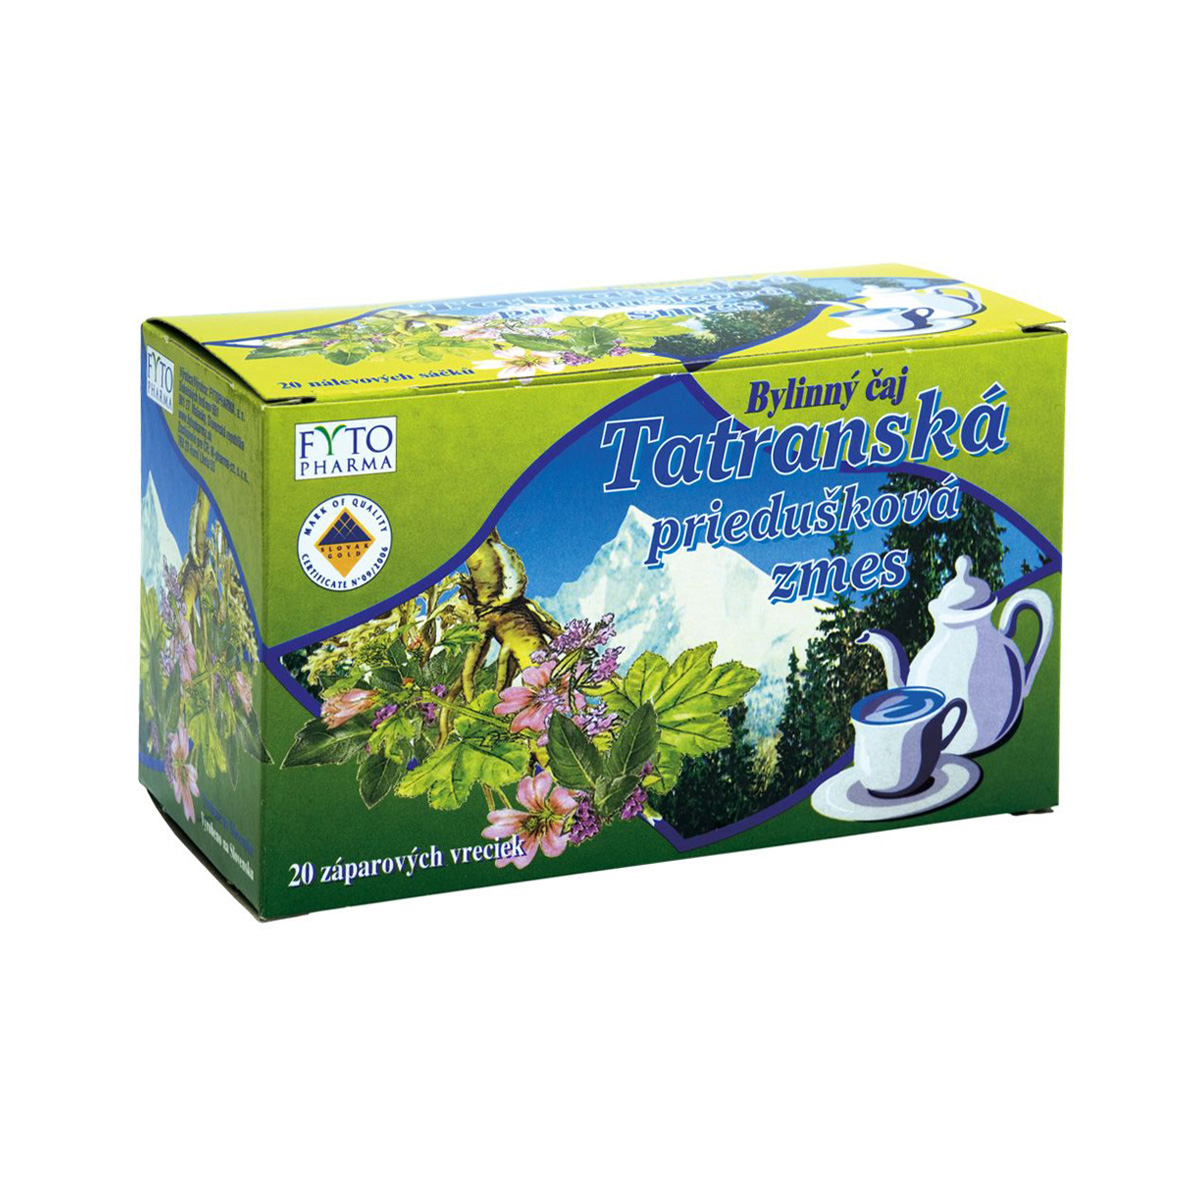 Fytopharma Tatranská průdušková směs® 20 x 1 g